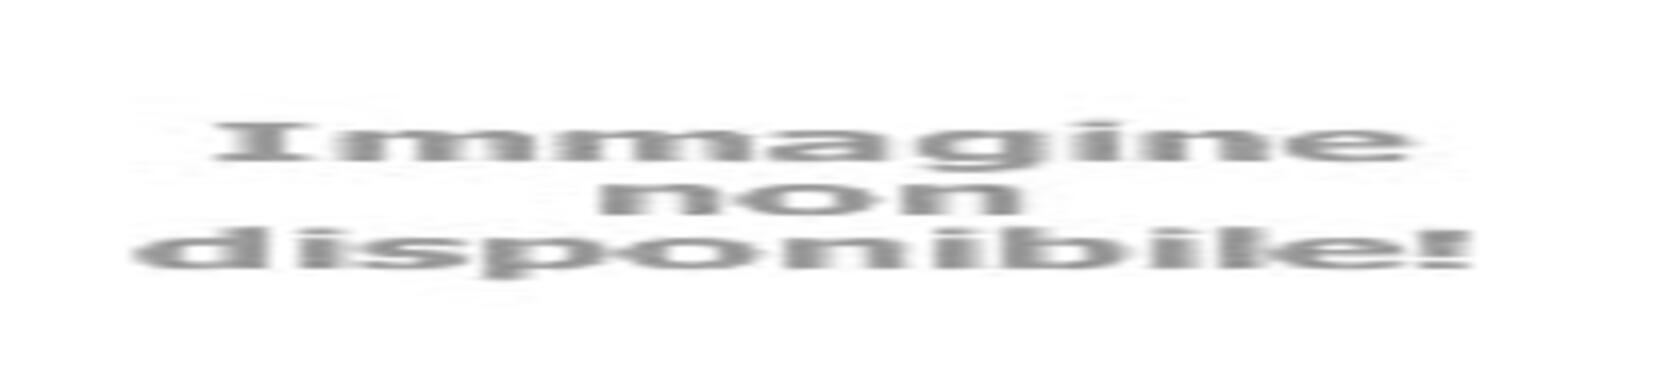 basketriminicrabs it 2-2615-settore-giovanile-u20-a-i-crabs-cedono-di-misura-a-faenza 003